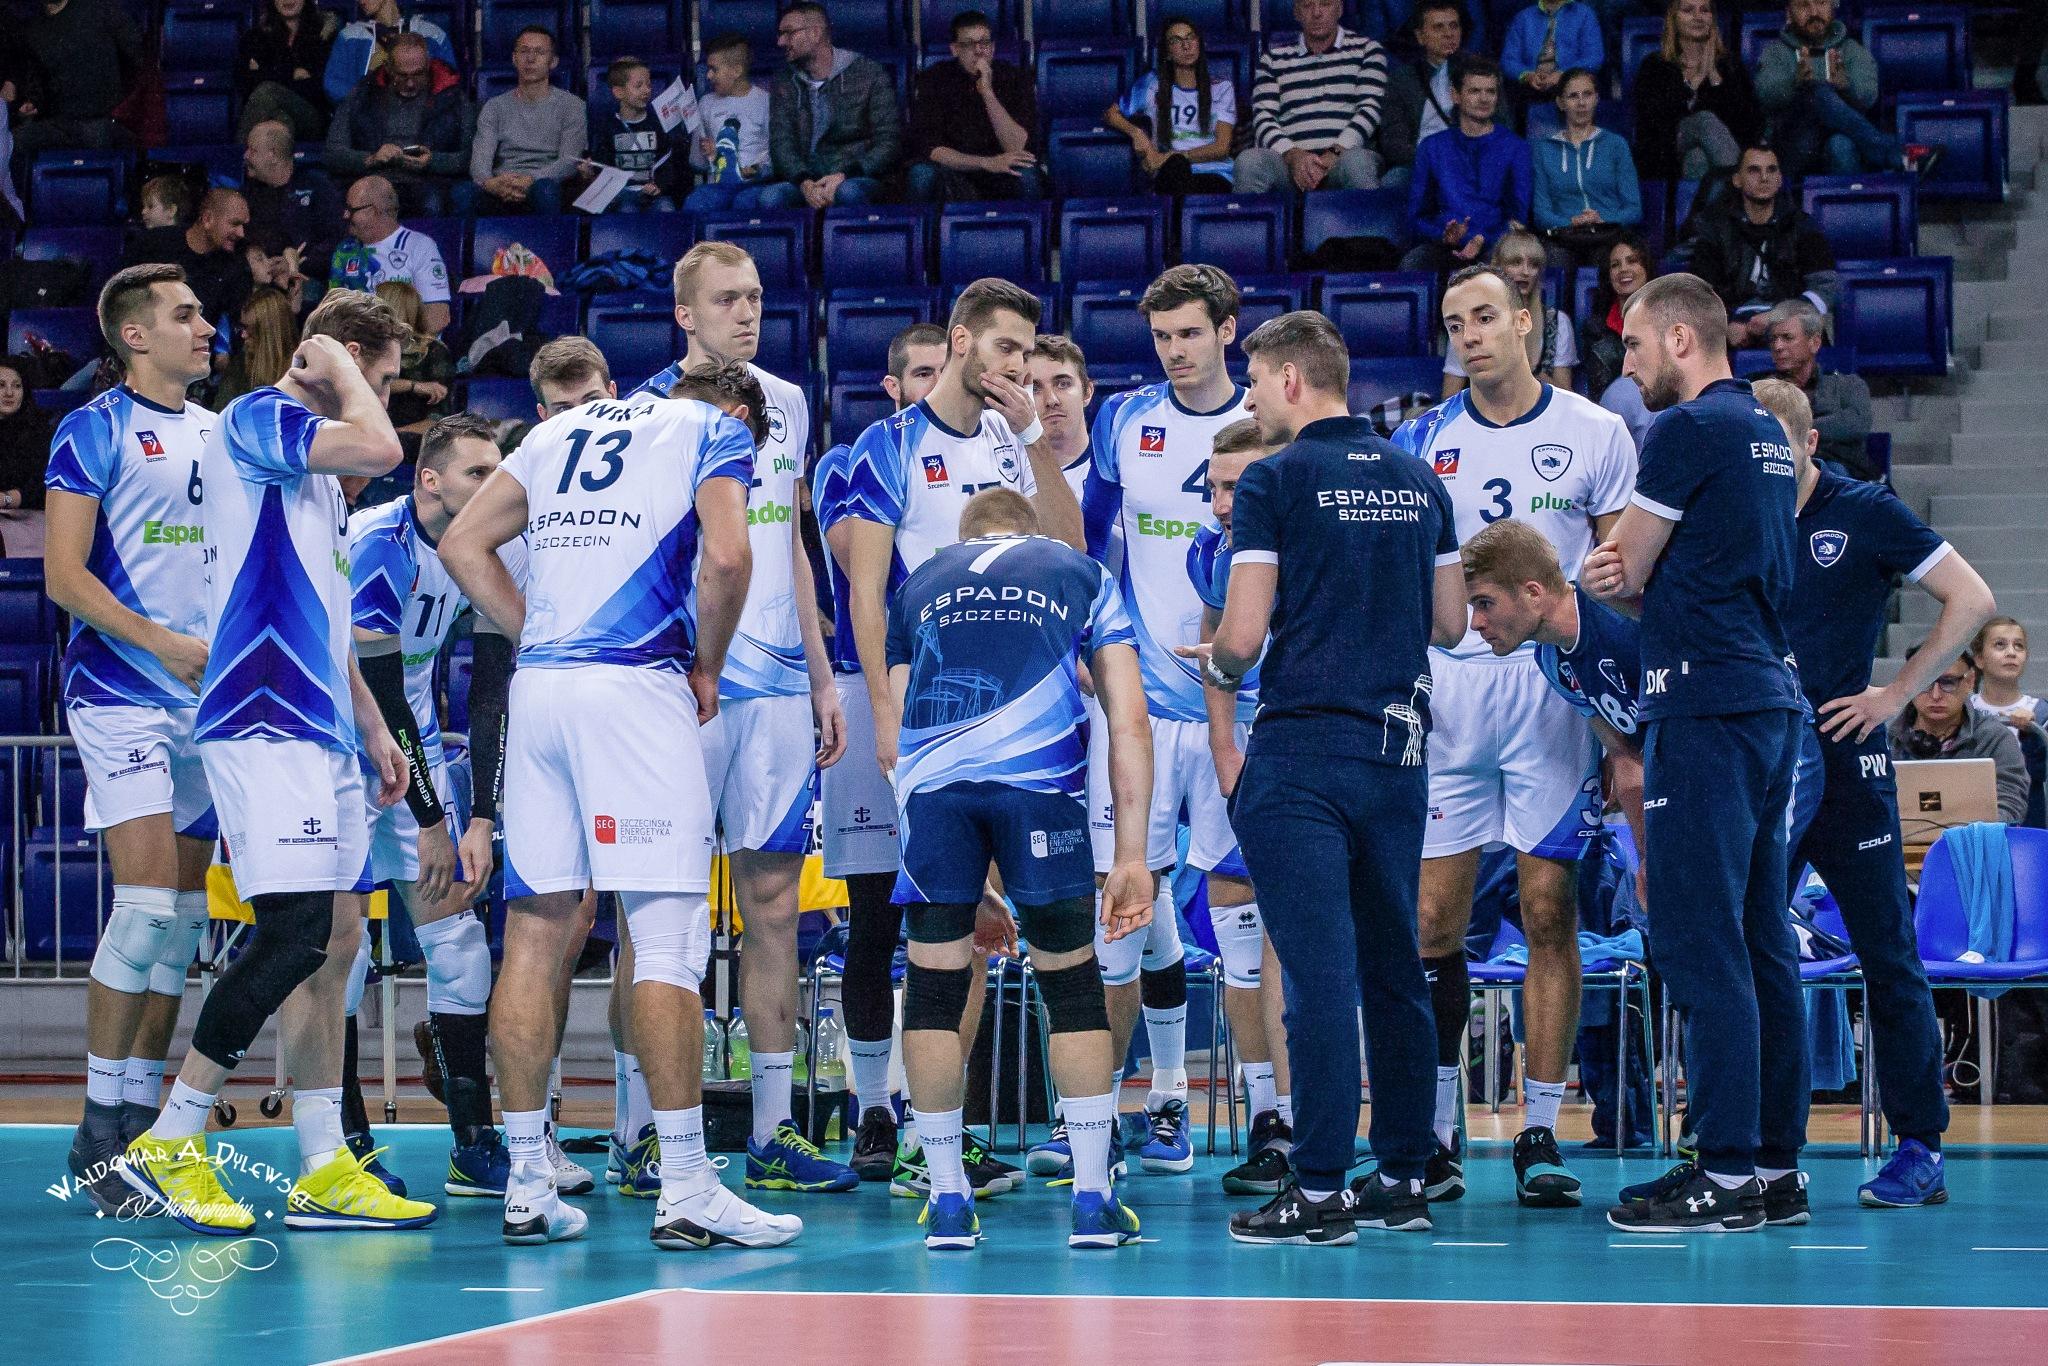 Espadon Szczecin - GKS Katowice: 2-3, 22.10.2017 by Waldemar Andrzej Dylewski